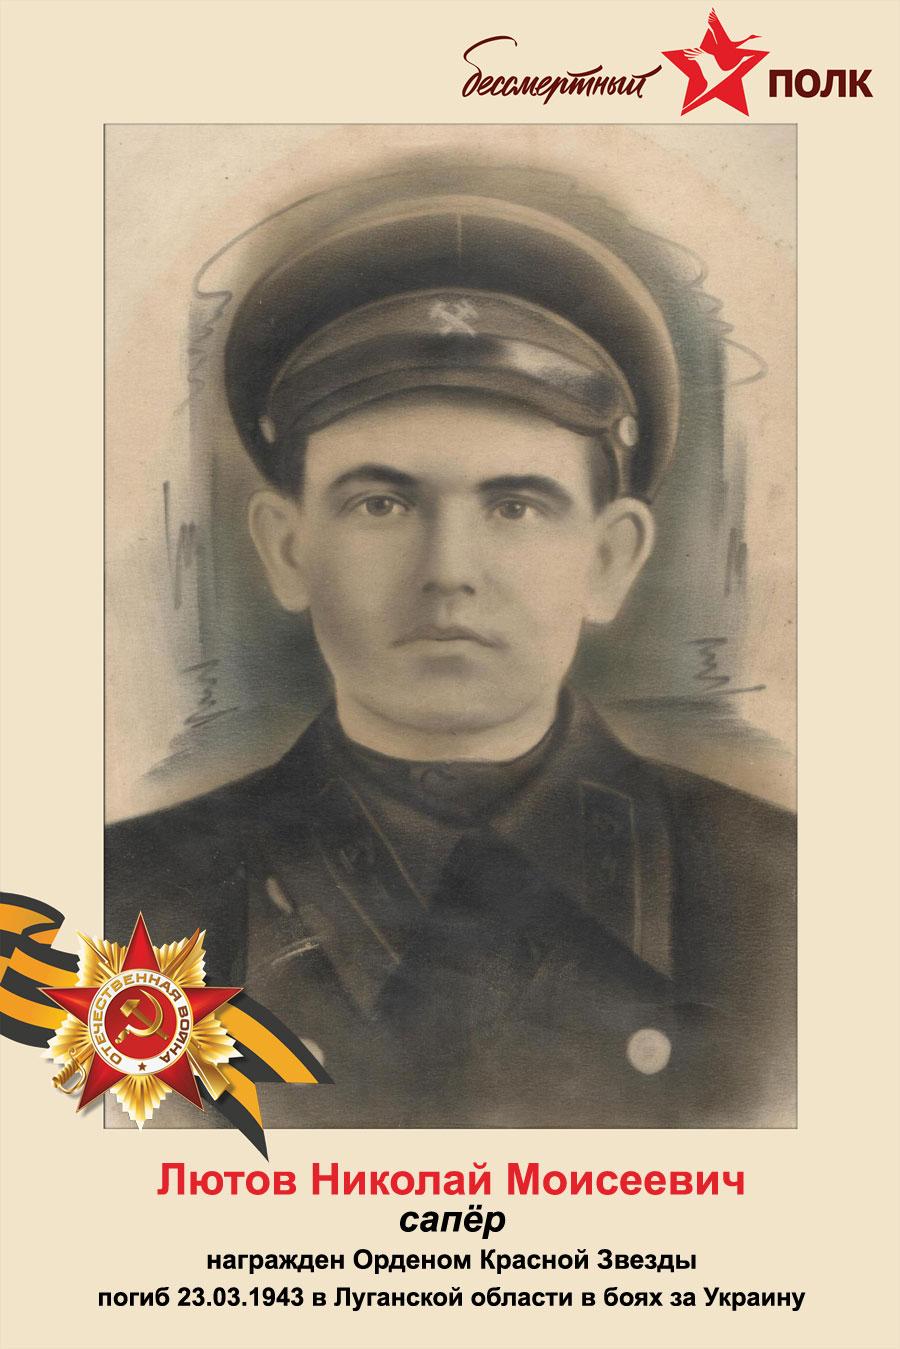 Лютов Николай Моисеевич, погиб в боях за Украину 23 марта 1943 года в районе населенного пункта Есауловка Луганской области